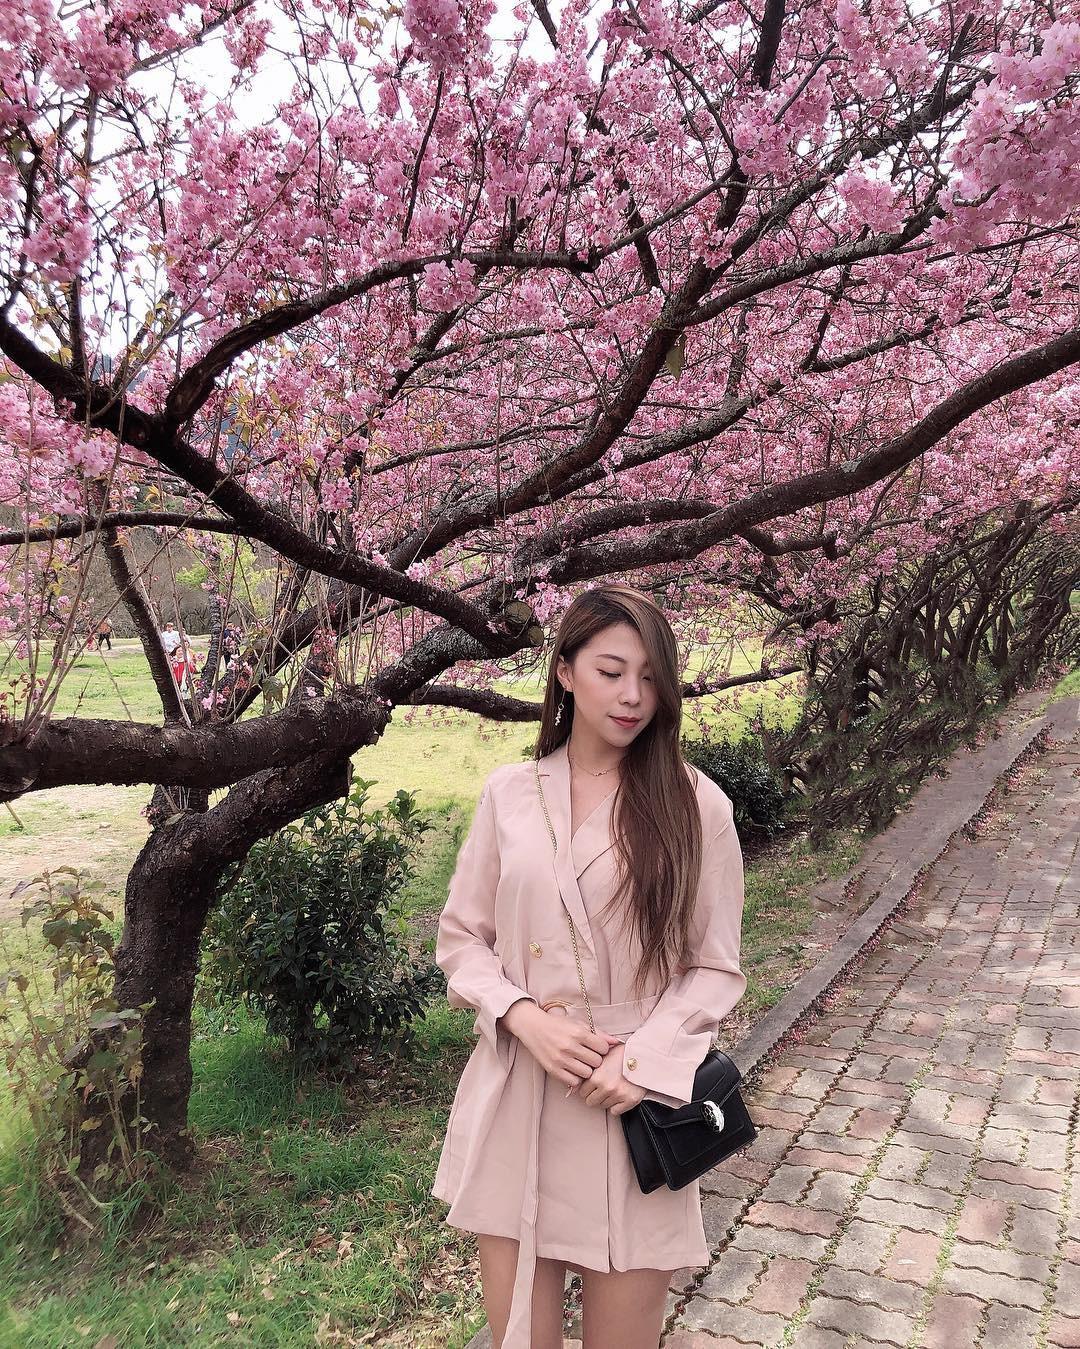 Đài Loan: Hoa anh đào lại nở rợp trời, tạo điều kiện cho trai gái dập dìu chơi xuân - Ảnh 18.